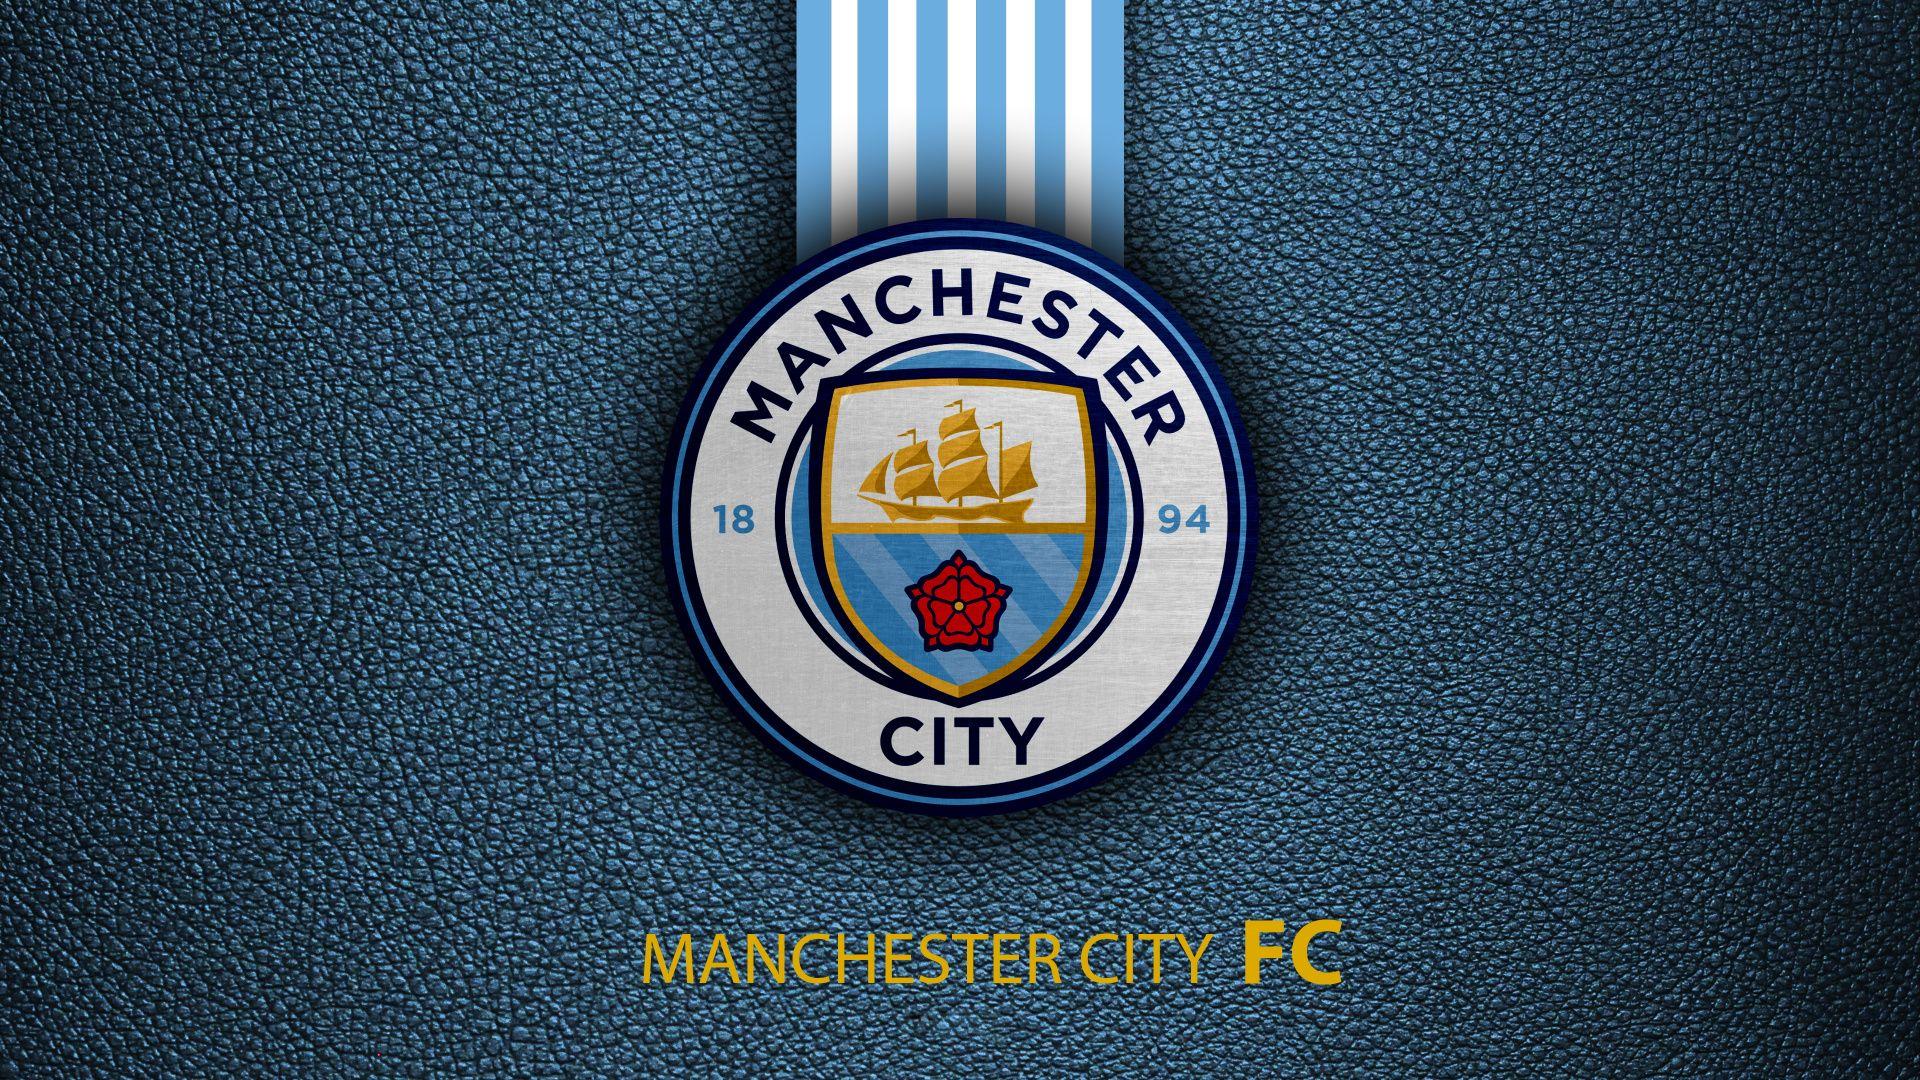 Manchester City hd wallpaper 1080